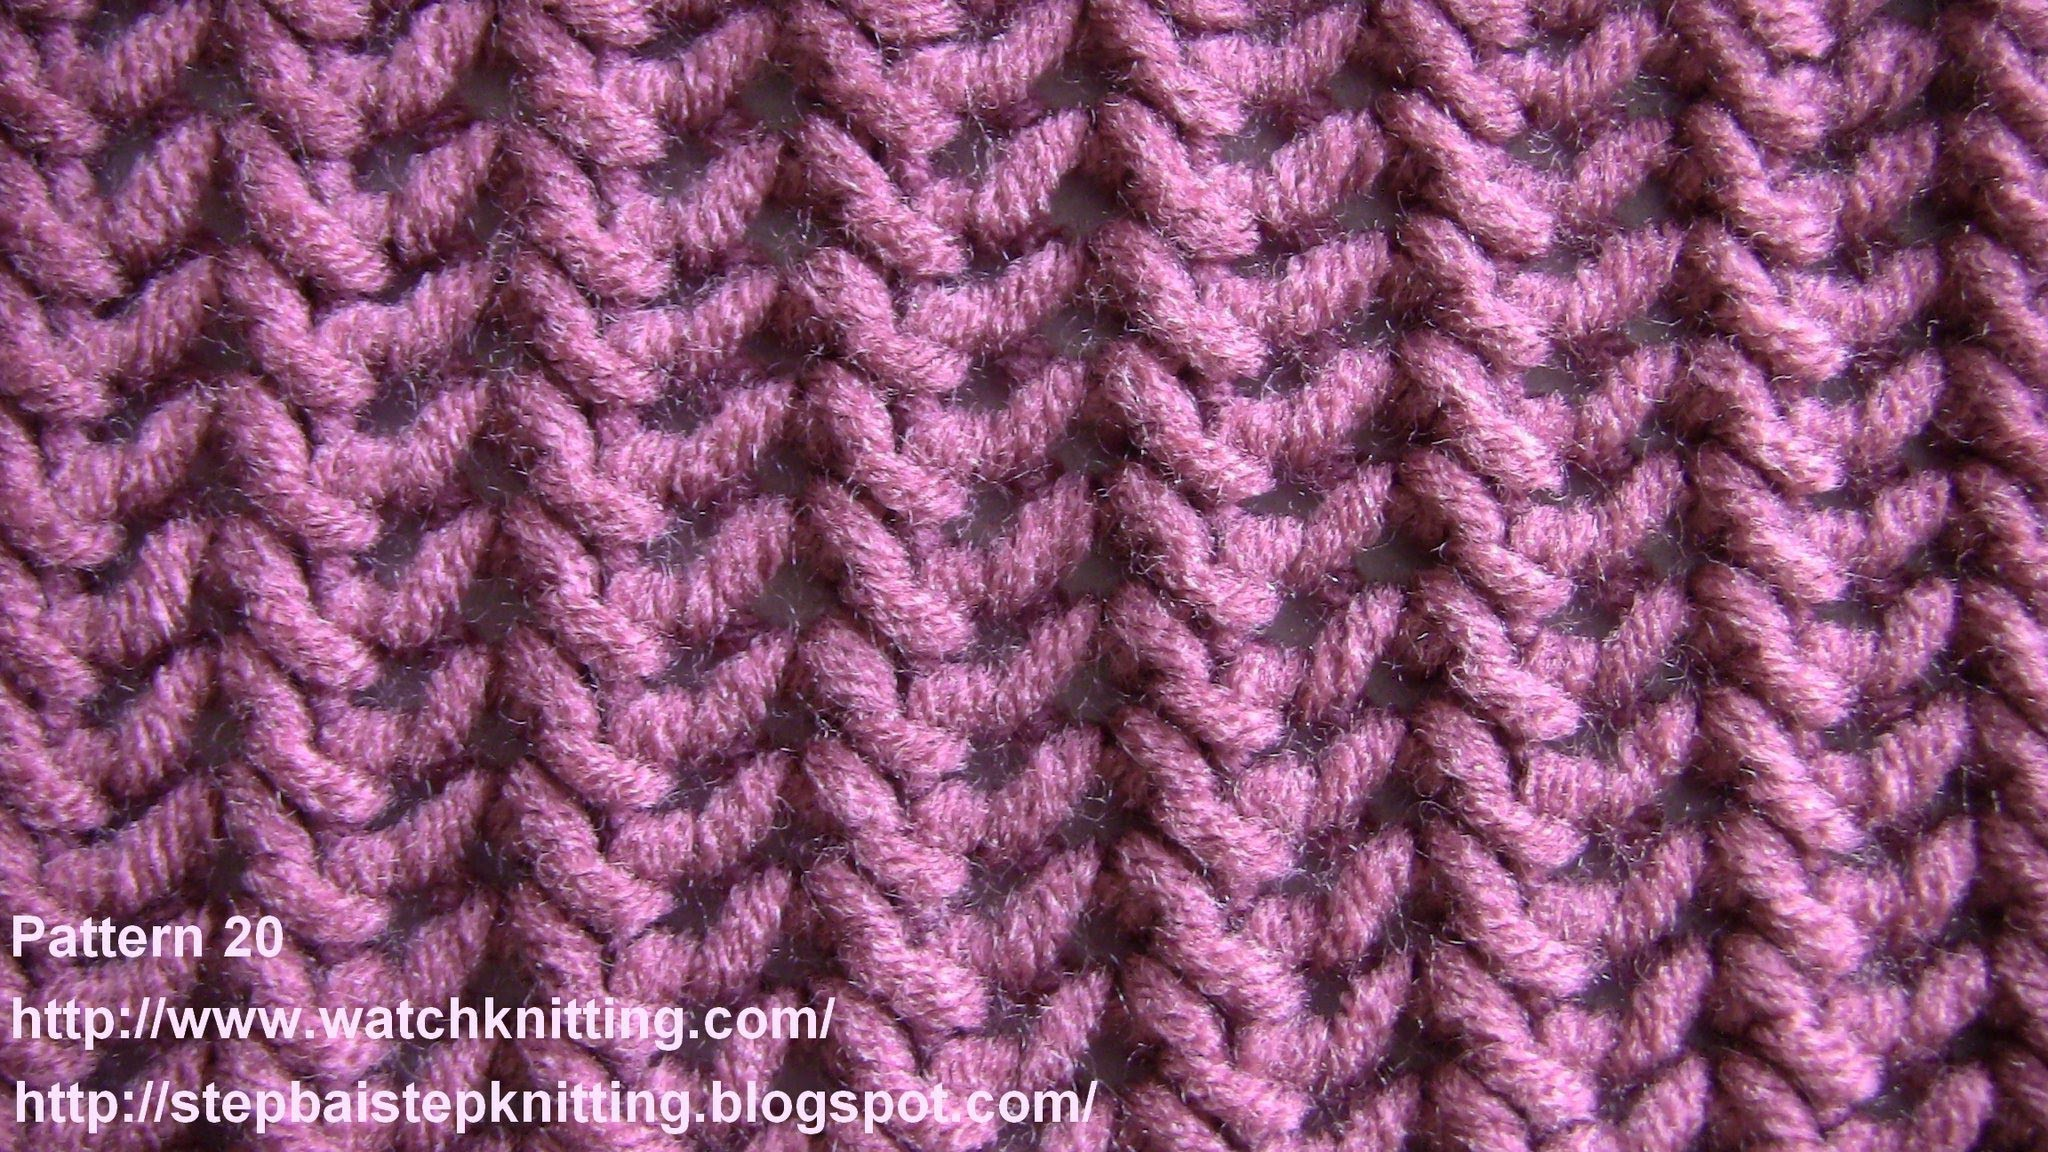 Lace Knitting Patterns - Free Knitting Tutorials - Watch Knitting- pattern 20 - Fish Thorn